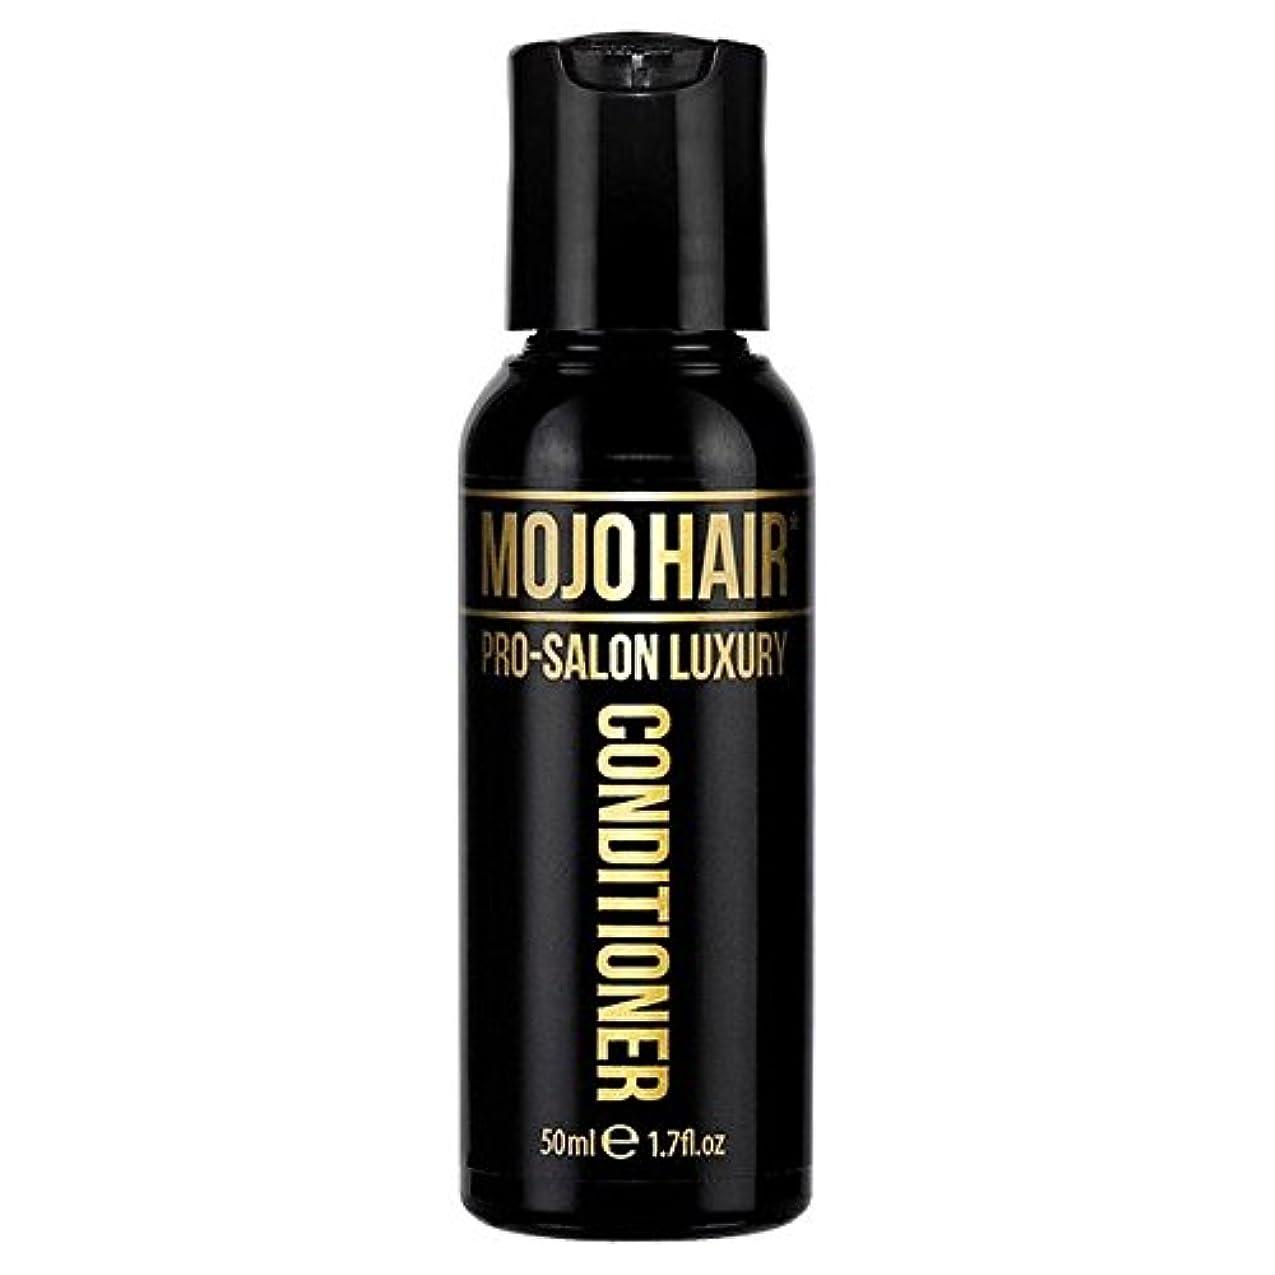 変位南東訪問MOJO HAIR Pro-Salon Luxury Fragrance Conditioner for Men, Travel Size 50ml - 男性のためのモジョの毛プロのサロンの贅沢な香りコンディショナー、トラベルサイズ...